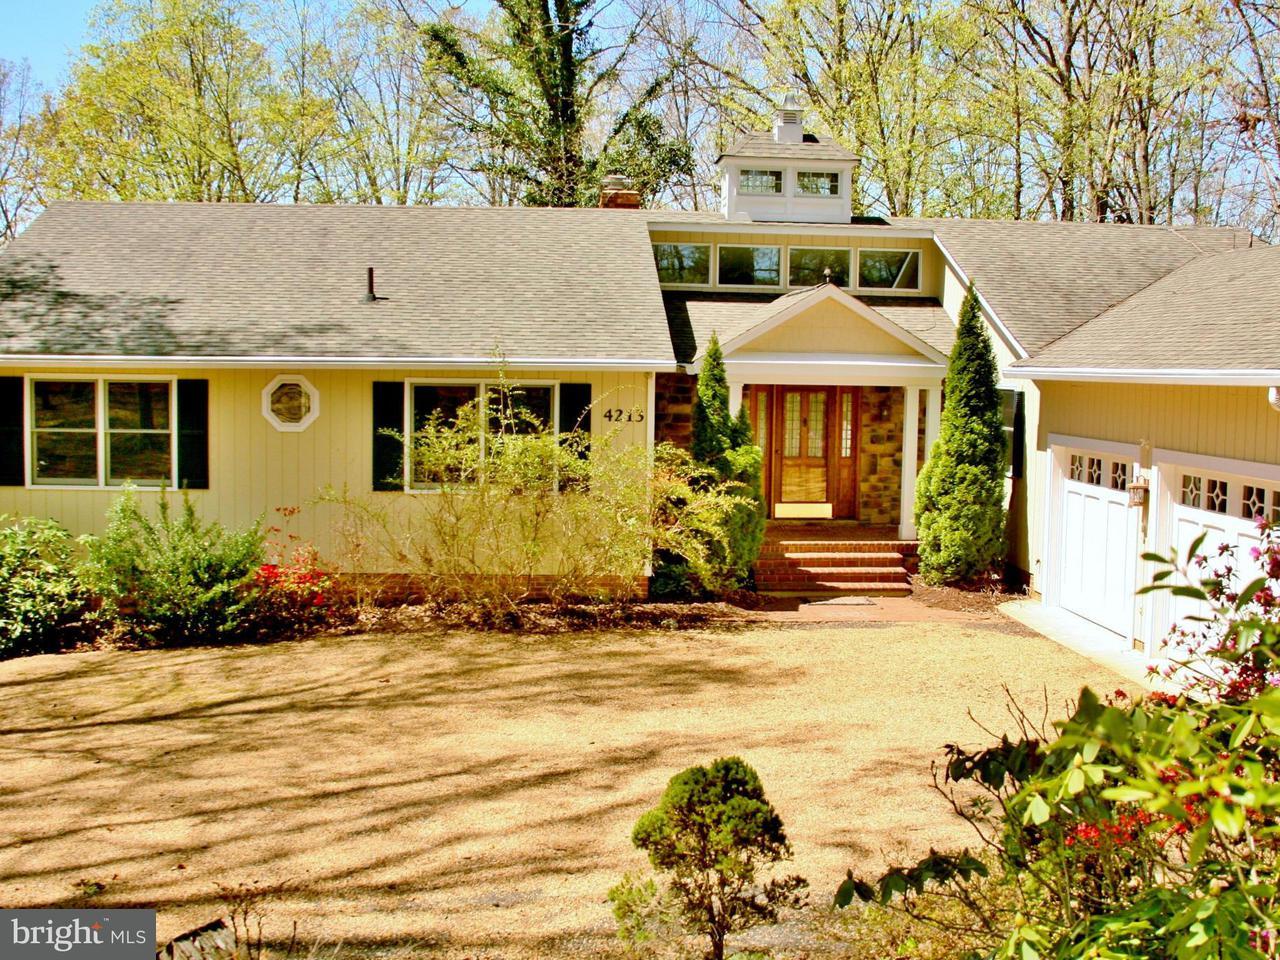 一戸建て のために 売買 アット 4213 BOGGS Drive 4213 BOGGS Drive Bumpass, バージニア 23024 アメリカ合衆国